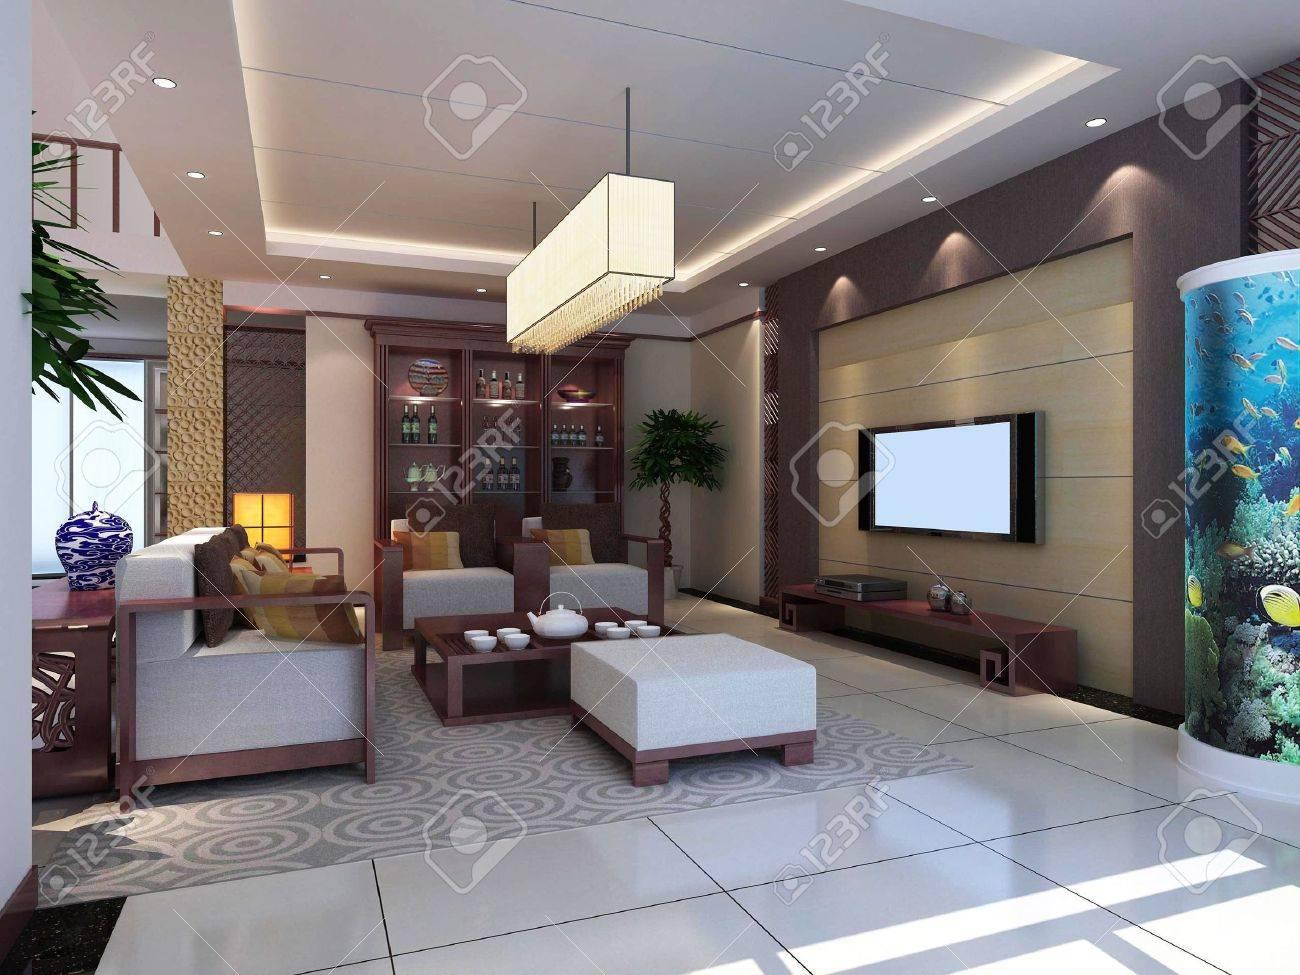 Modernes design innere wohnzimmer. 3d render lizenzfreie fotos ...